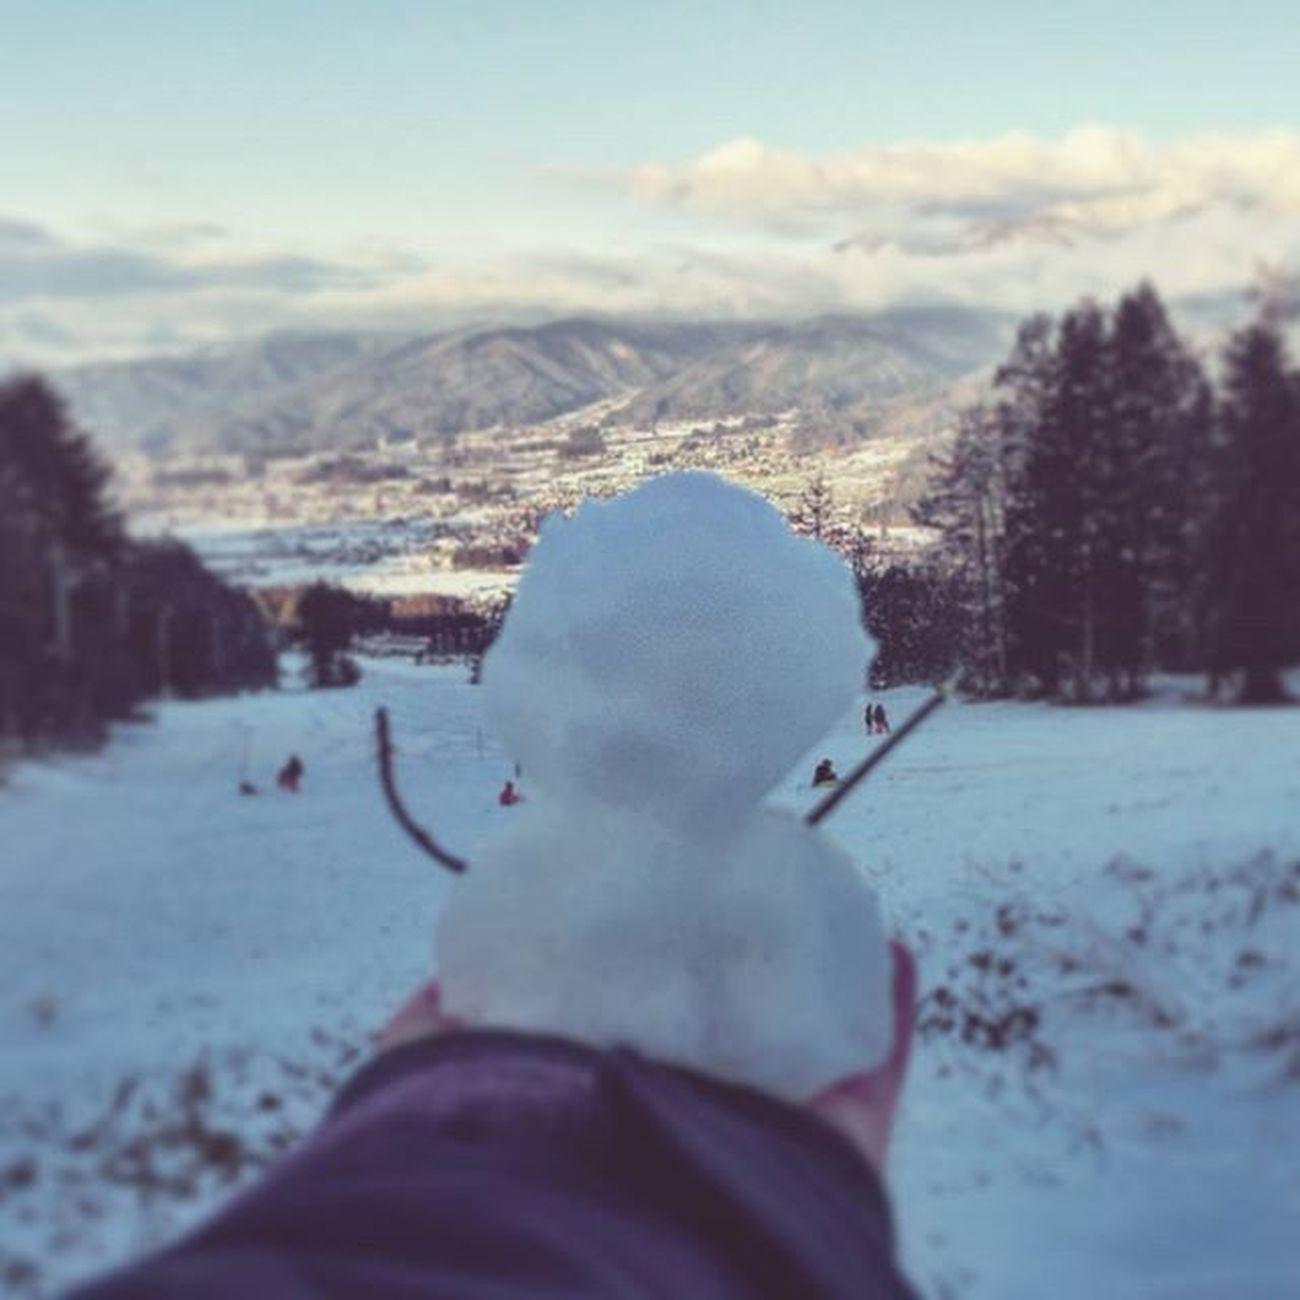 Kijimadaira♡♡♡ シーズンイン 木島平スキー場 2016 Snowman 雪だるま Snowboard Snow スノーボード 戻ってきました 年の瀬 年末年始